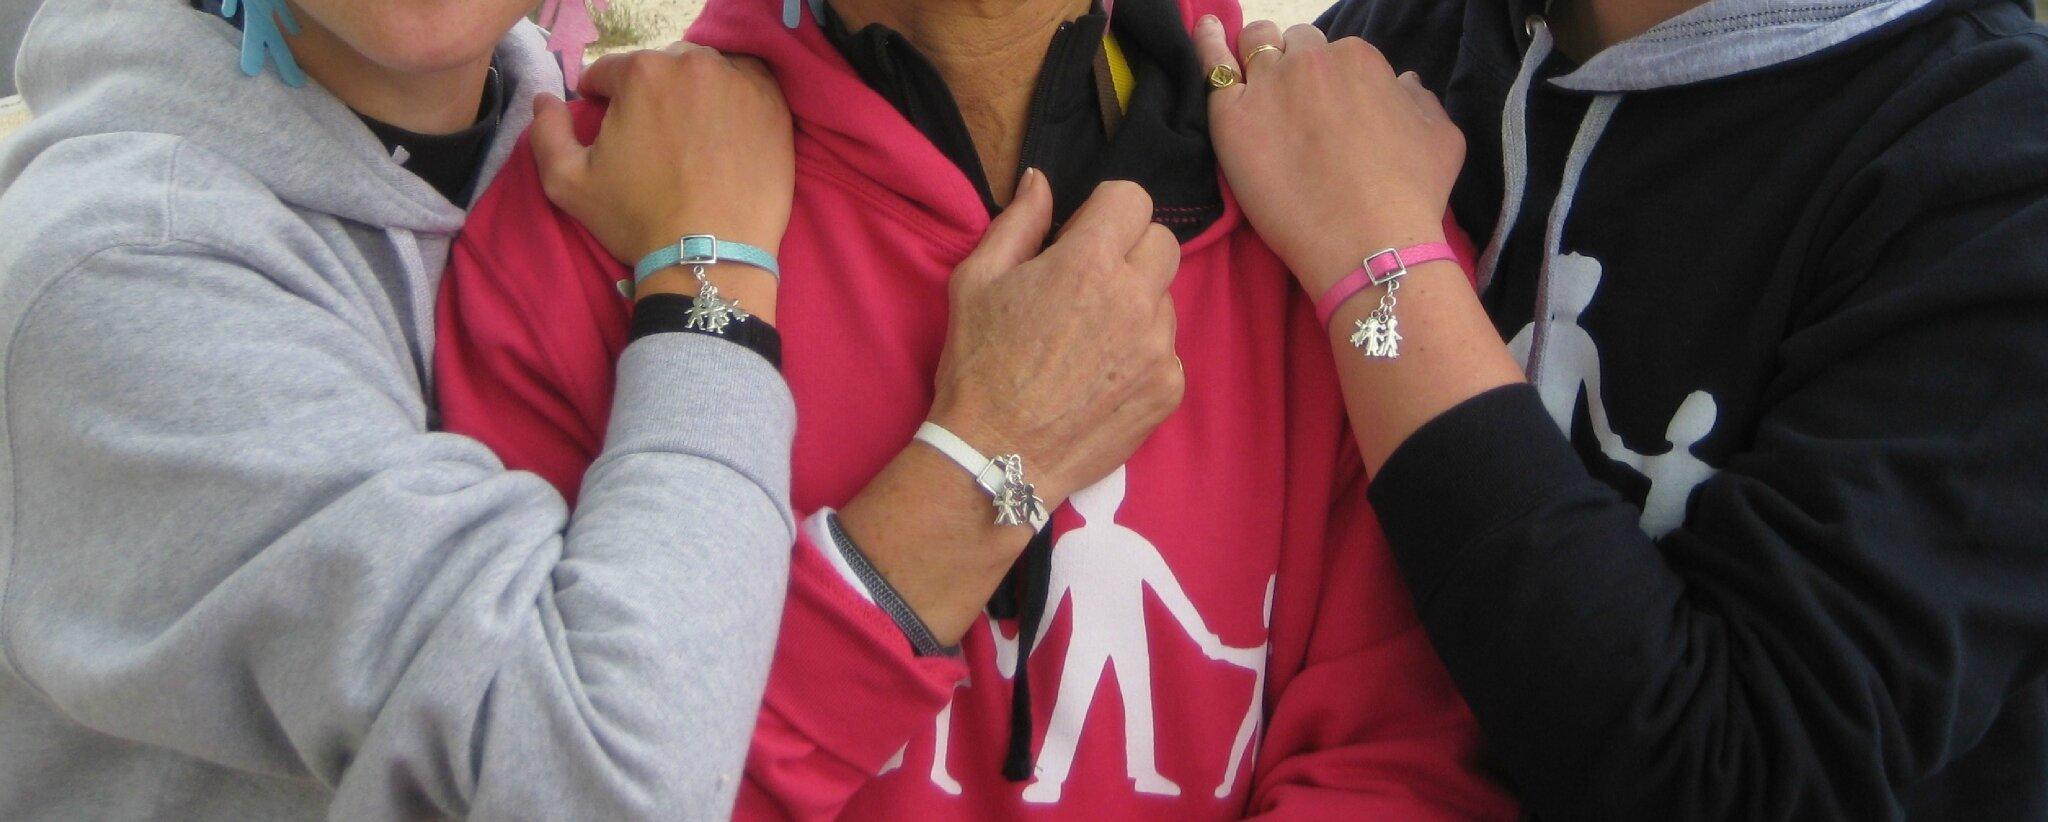 Les Bracelets PourTous d'Hortense, Sabine et Aurore